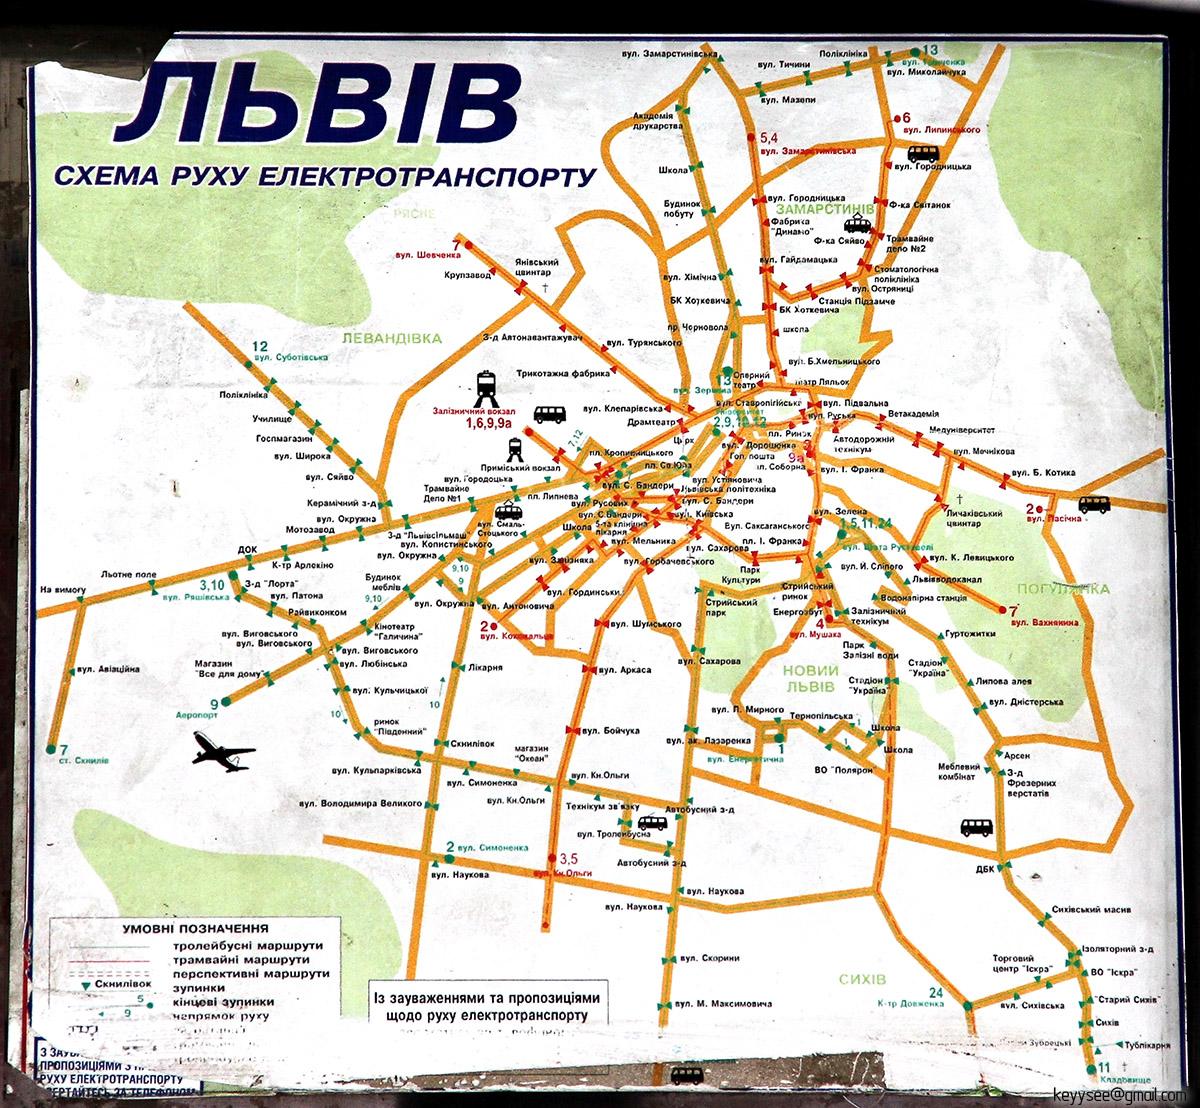 Львов. Схема движения электротранспорта Львова, размещаемая внутри трамваев и троллейбусов города